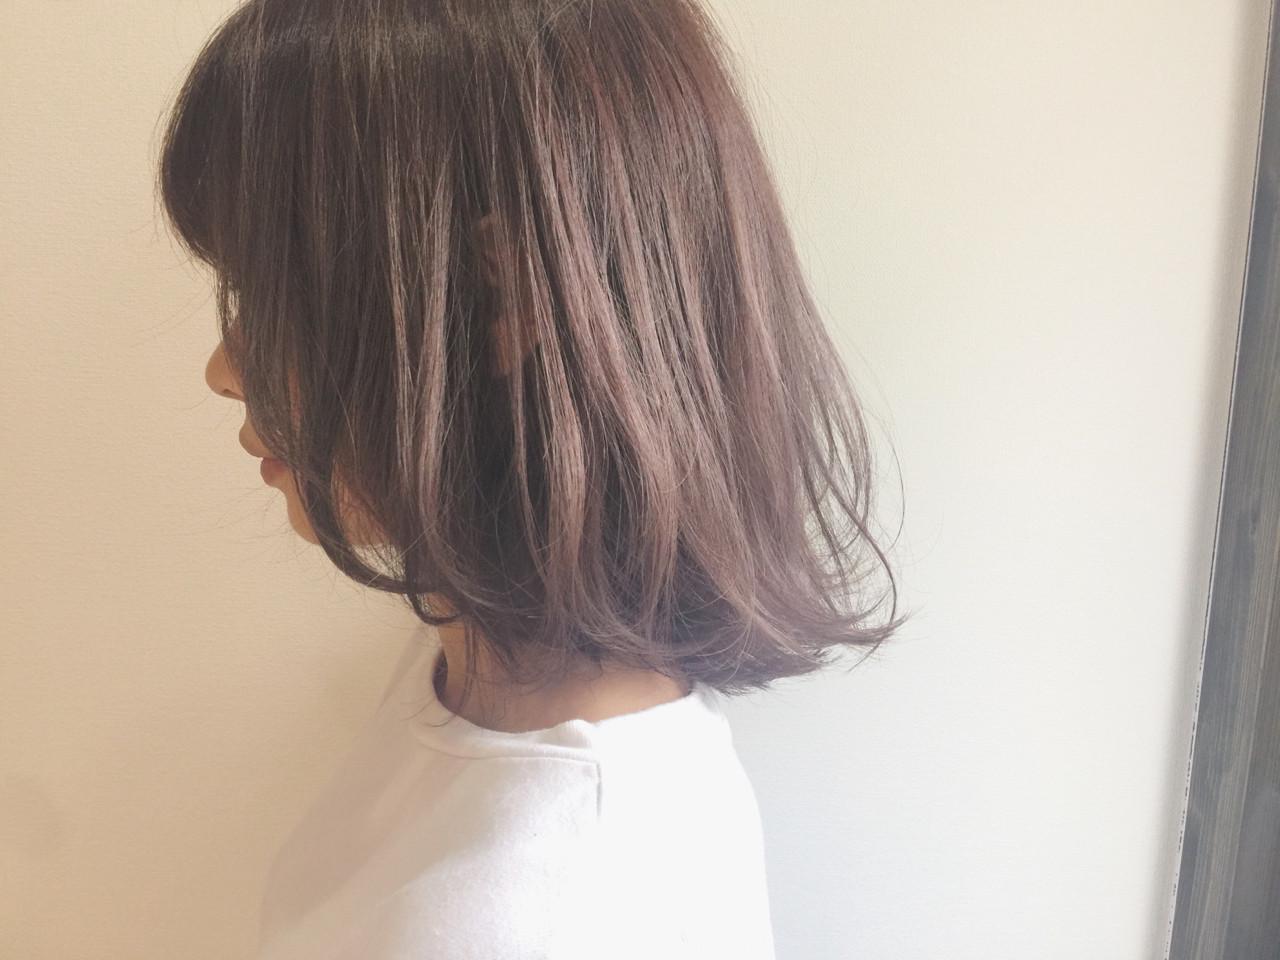 前上がりの、フェミニンなボブです。柔らかい髪の質感を活かした、ゆるフワなスタイリングでエアリー感もゲット!